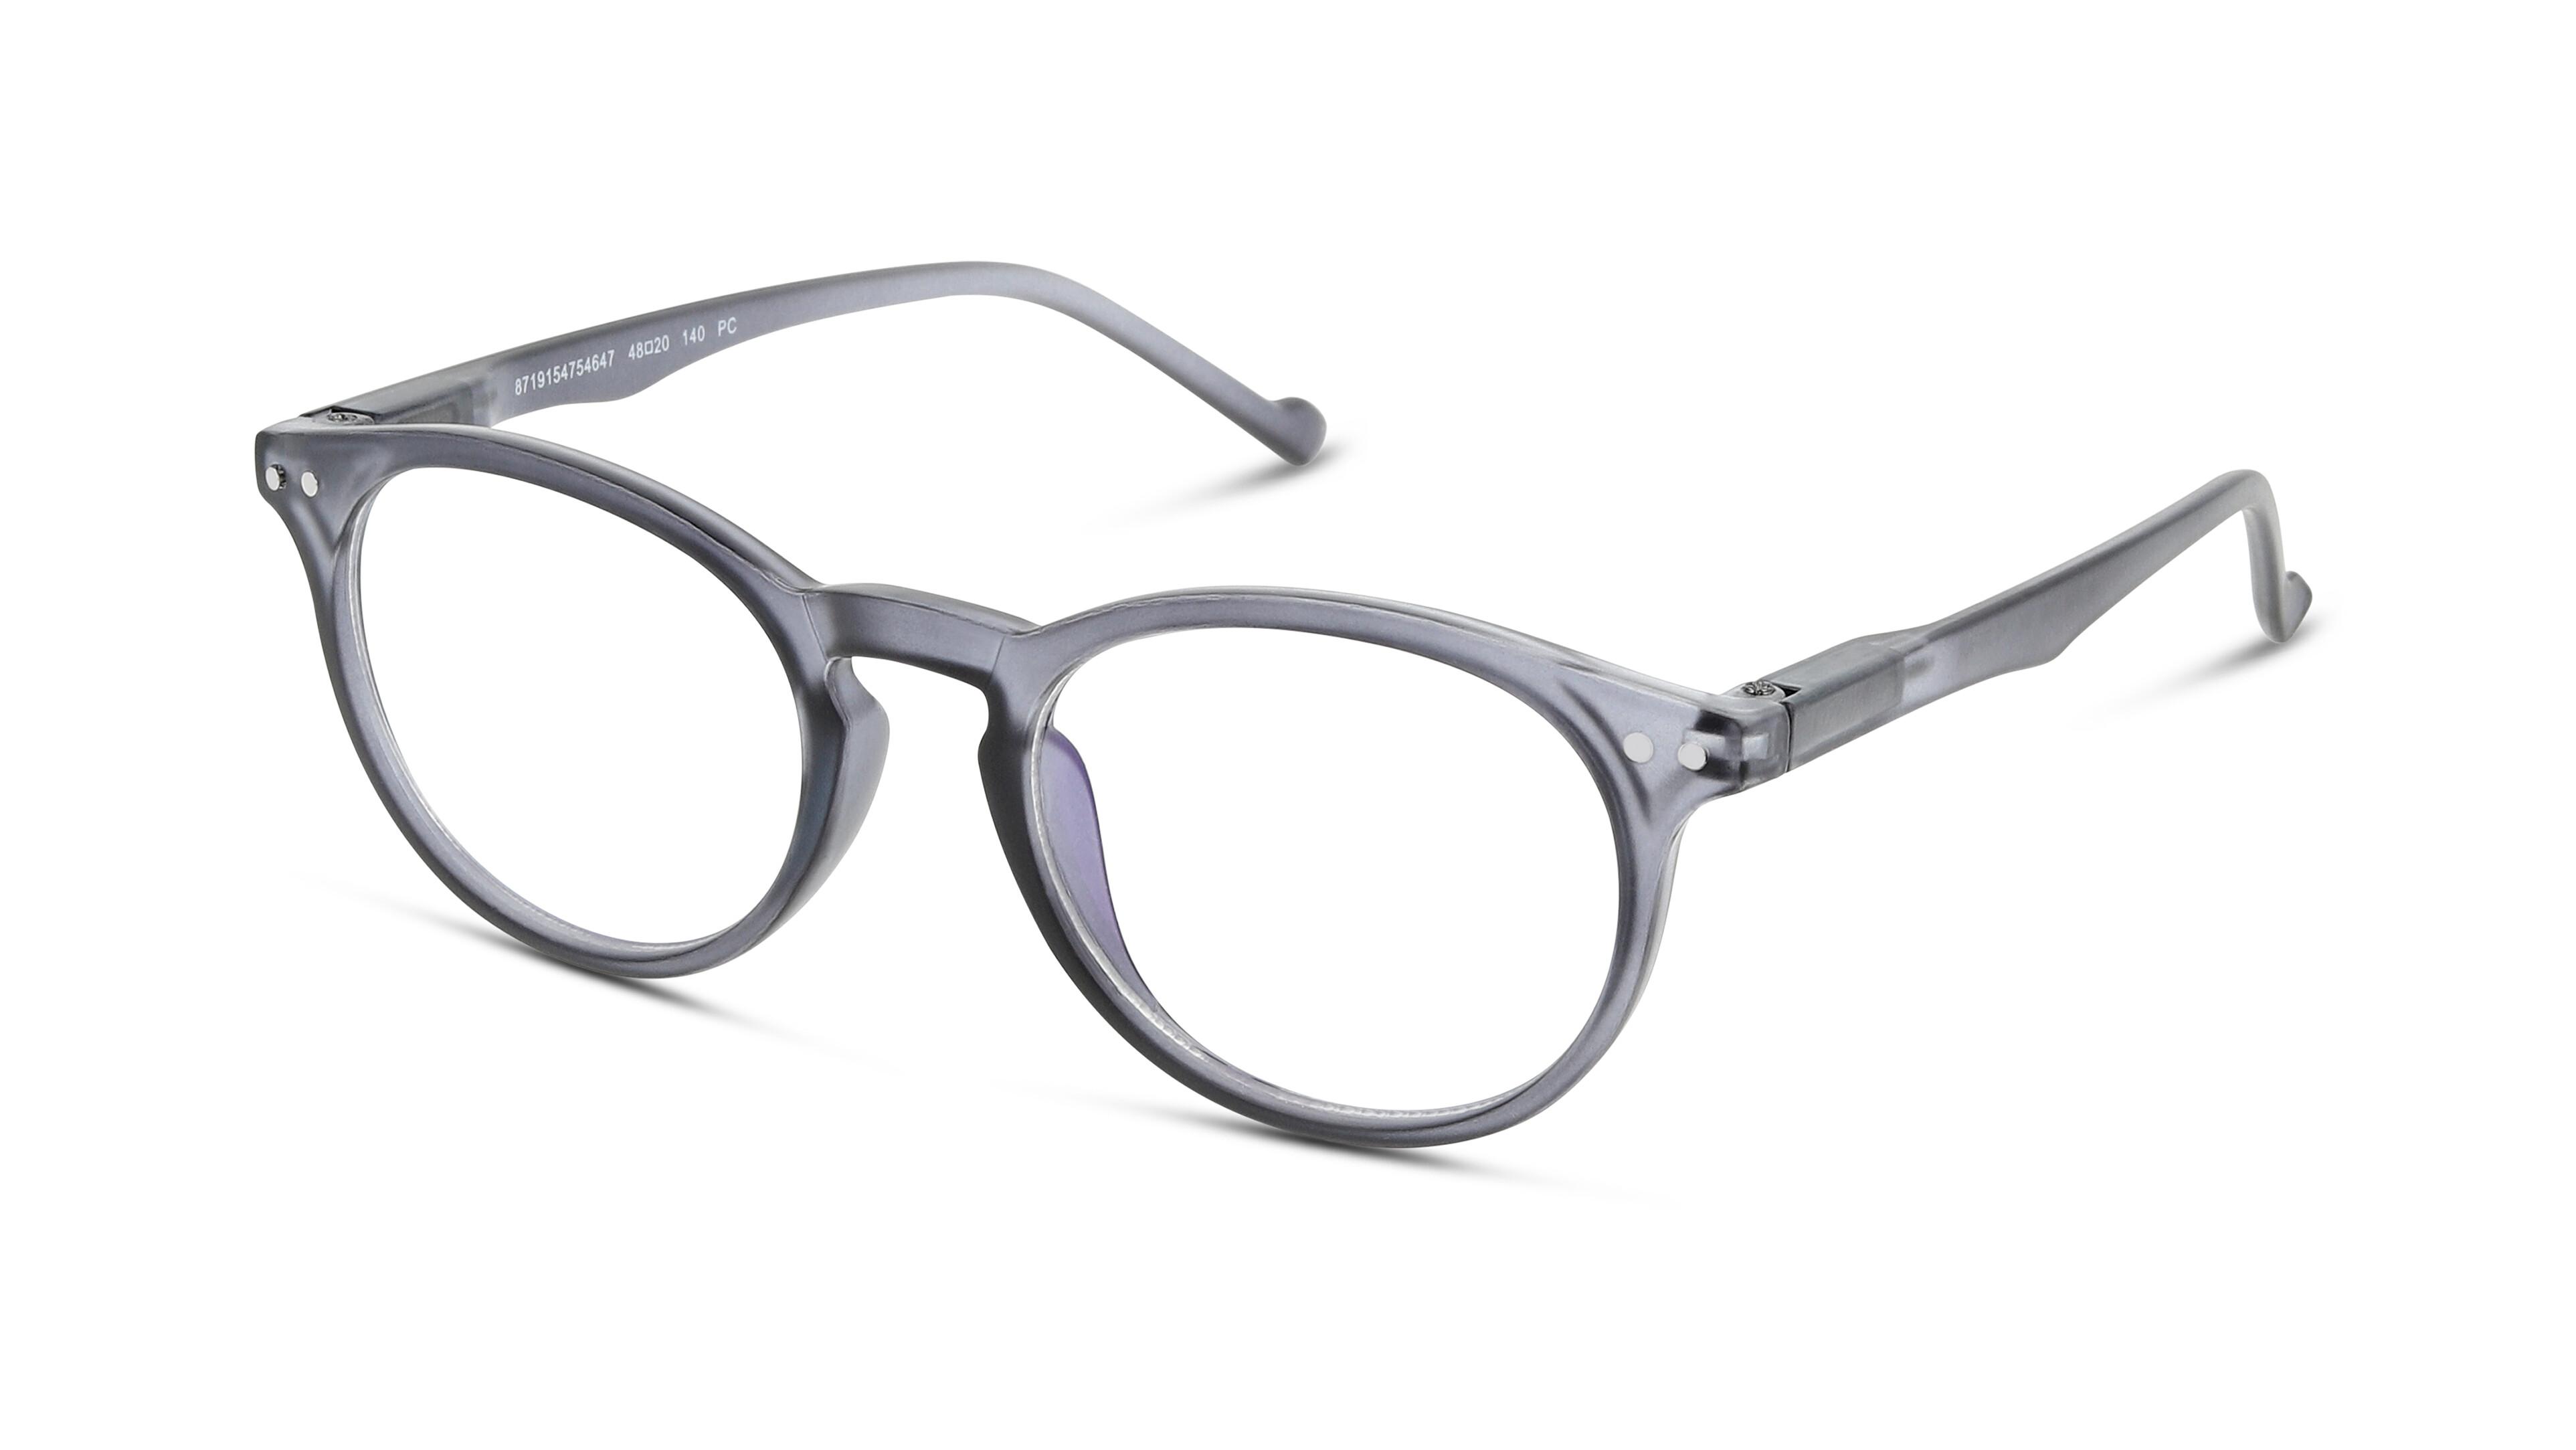 Blaulichtfilter Lupenbrille Anti Blaulicht Brille als Lesehilfe Sehhilfe,Vergr/ö/ßerungsbrille 160/% H/ände Frei Verzerrungsfreier Leselupe Randlose Vorsetzbrille lese lupenbrille f/ür Damen Herre Senioren